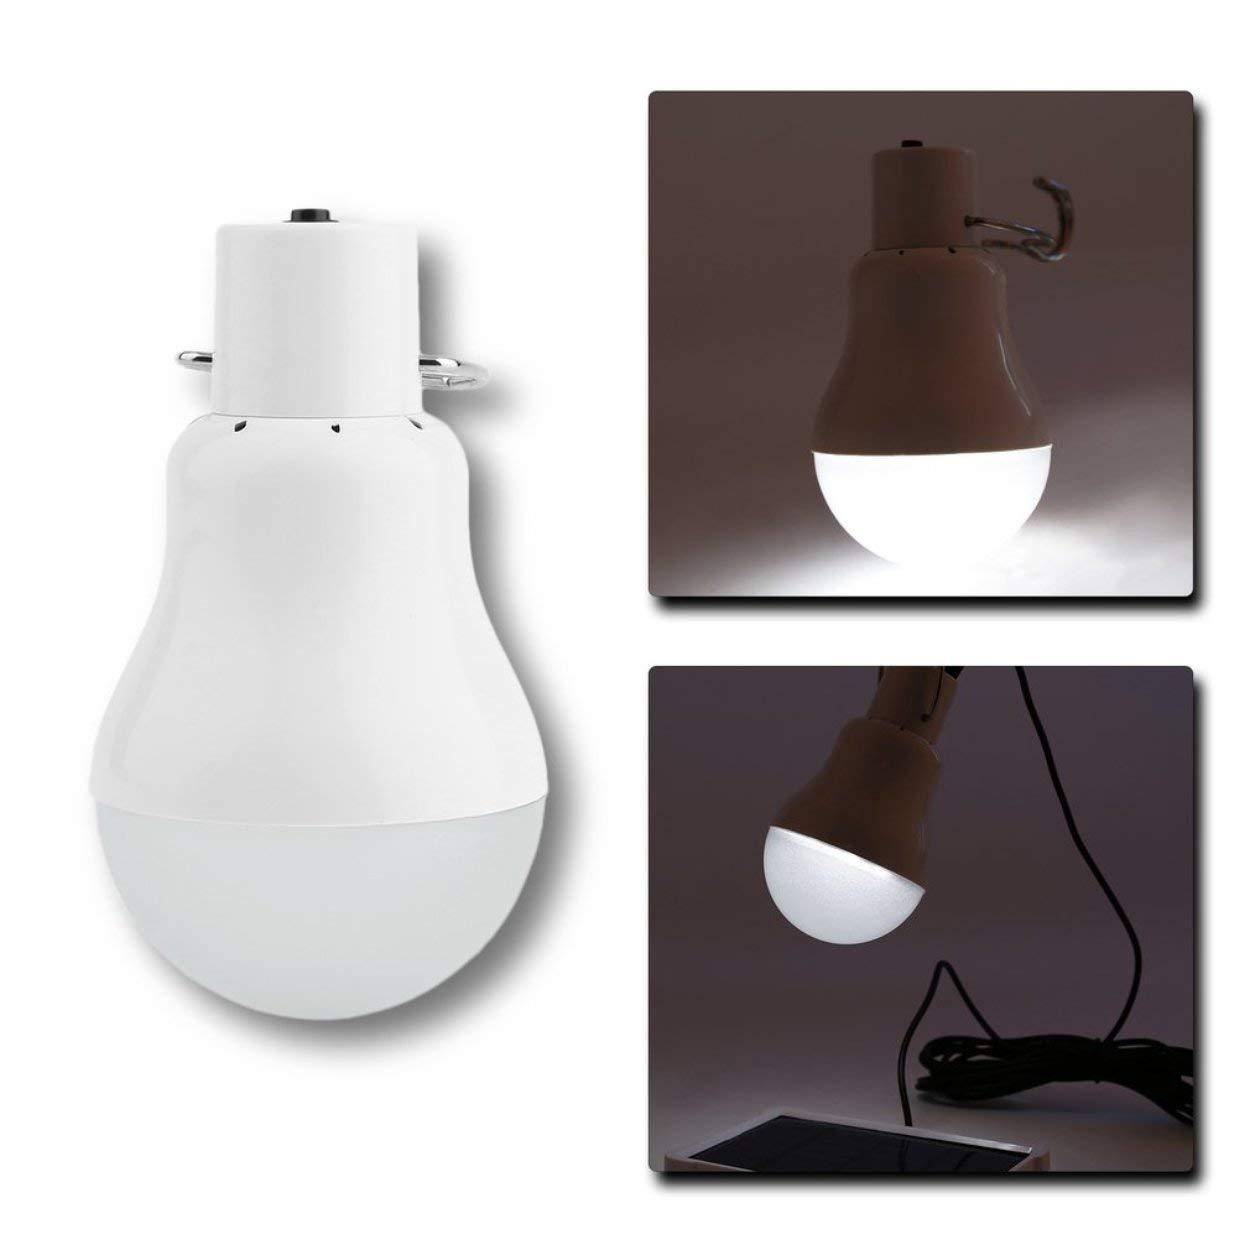 Sistemi Di Illuminazione Per Esterni.Illuminazione Per Esterni Lorenlli Sistema Di Illuminazione